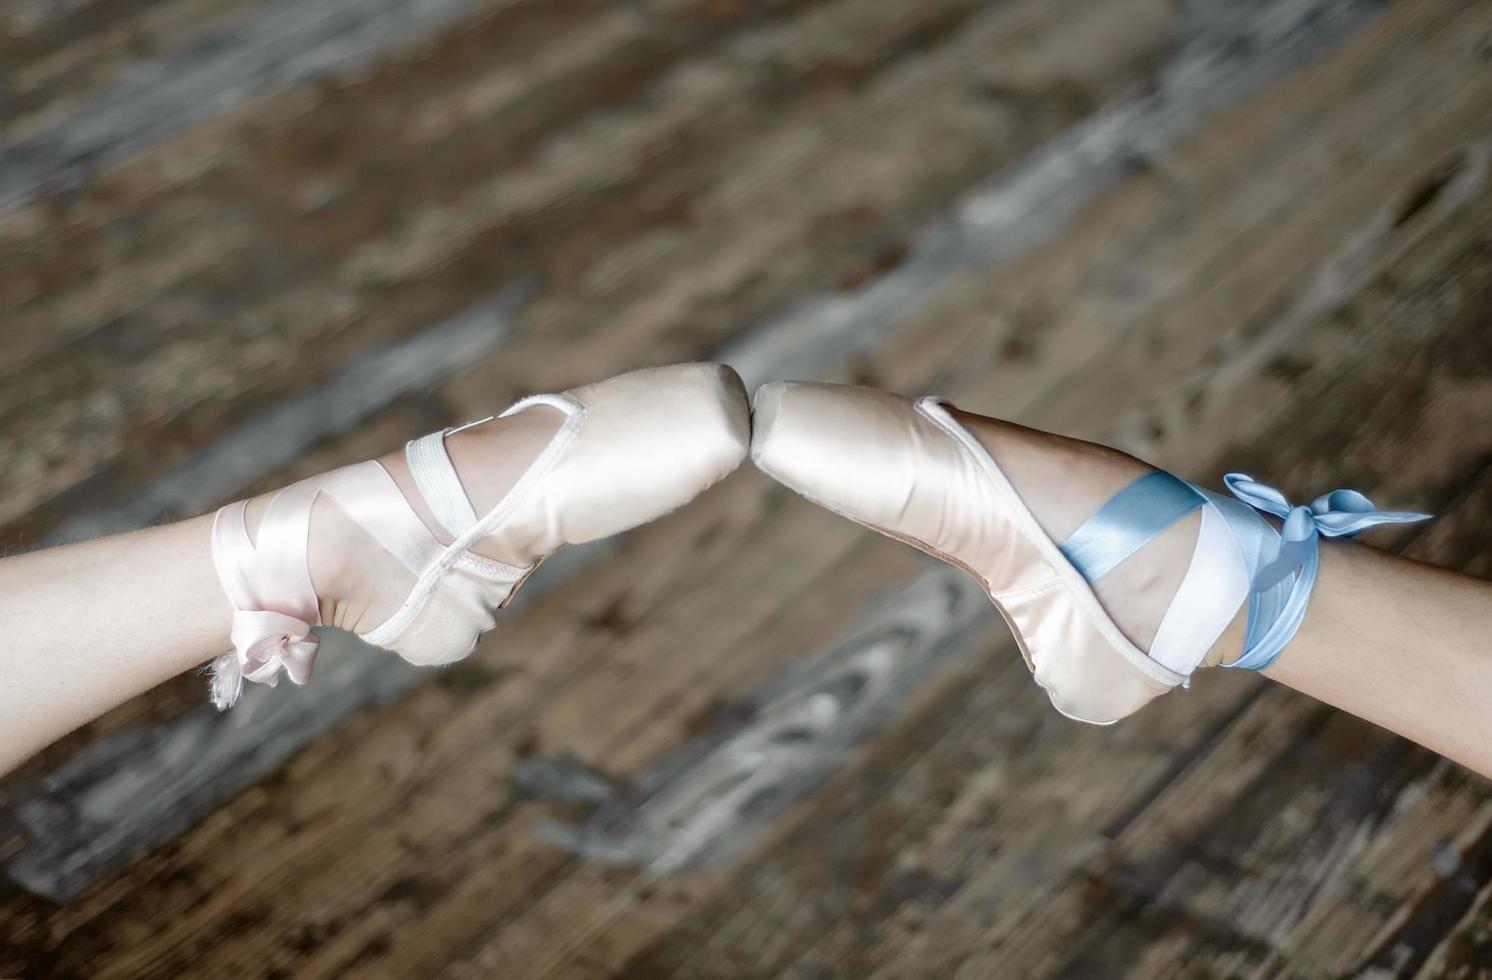 zwei Ballerinas, die Schuhe berühren foto